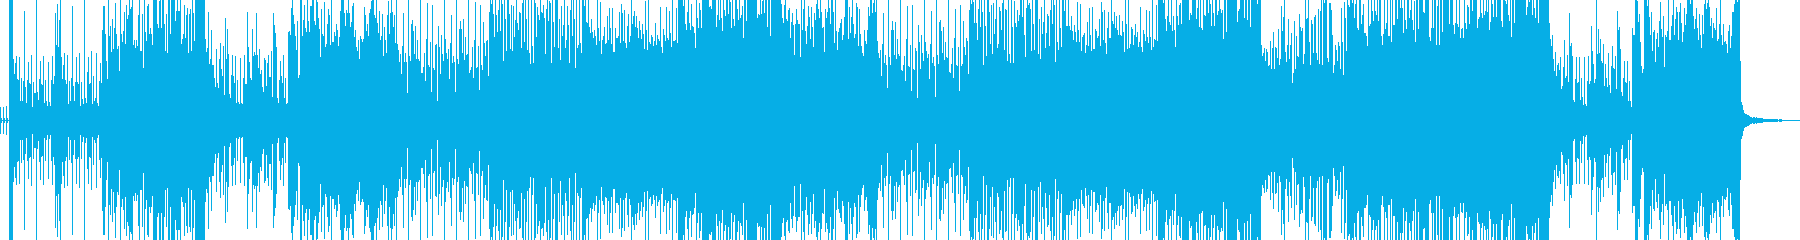 和太鼓と琴のUPテンポな和風ロックですの再生済みの波形